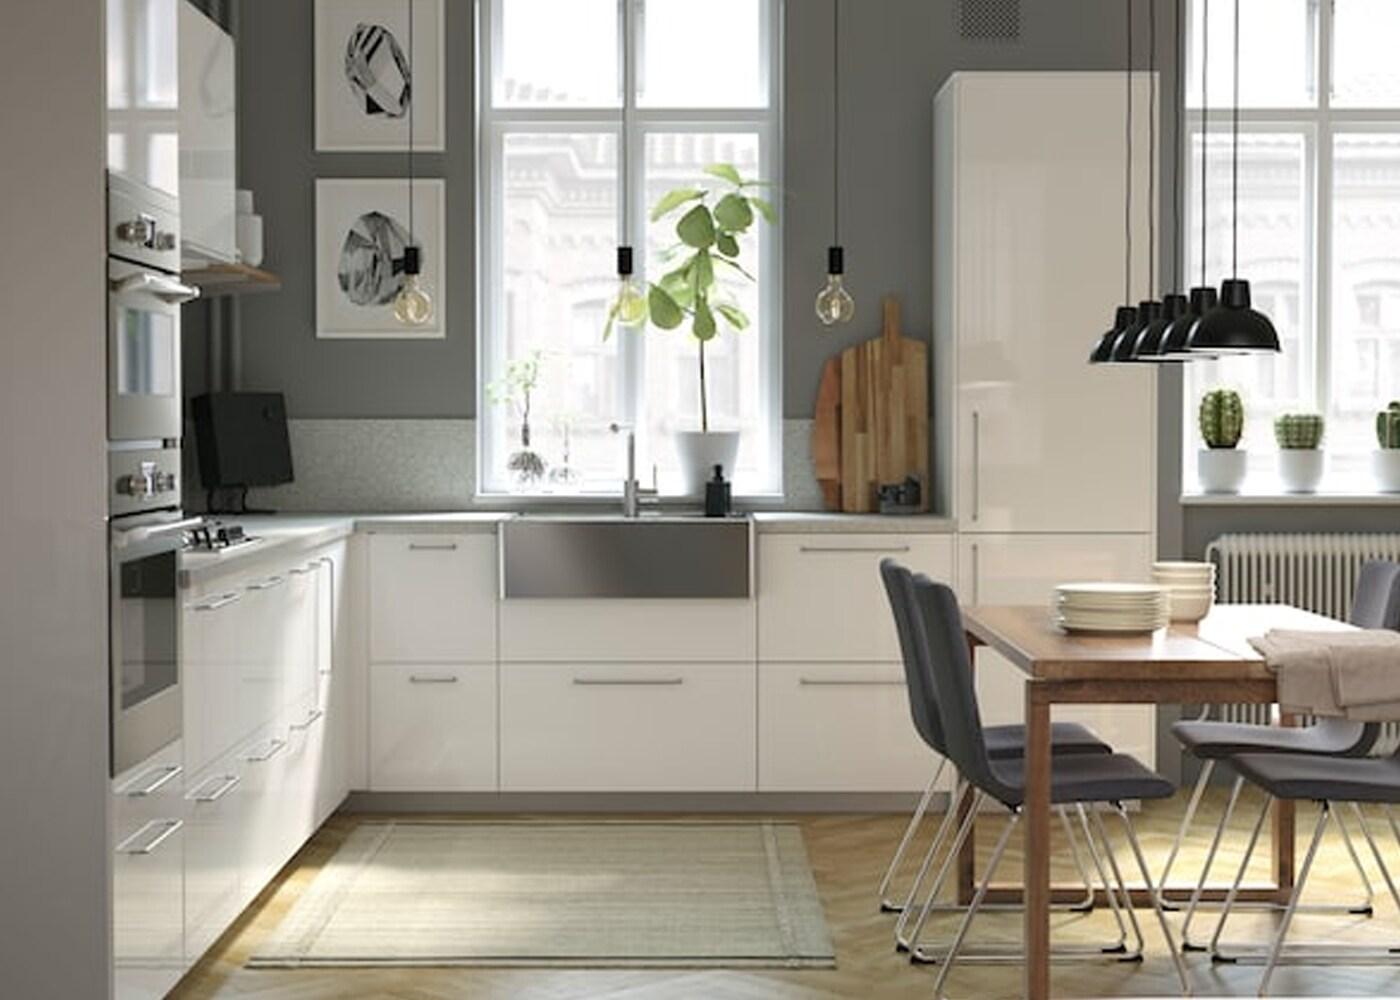 Eine helle, luftige und moderne Küche mit Holzdetails ...